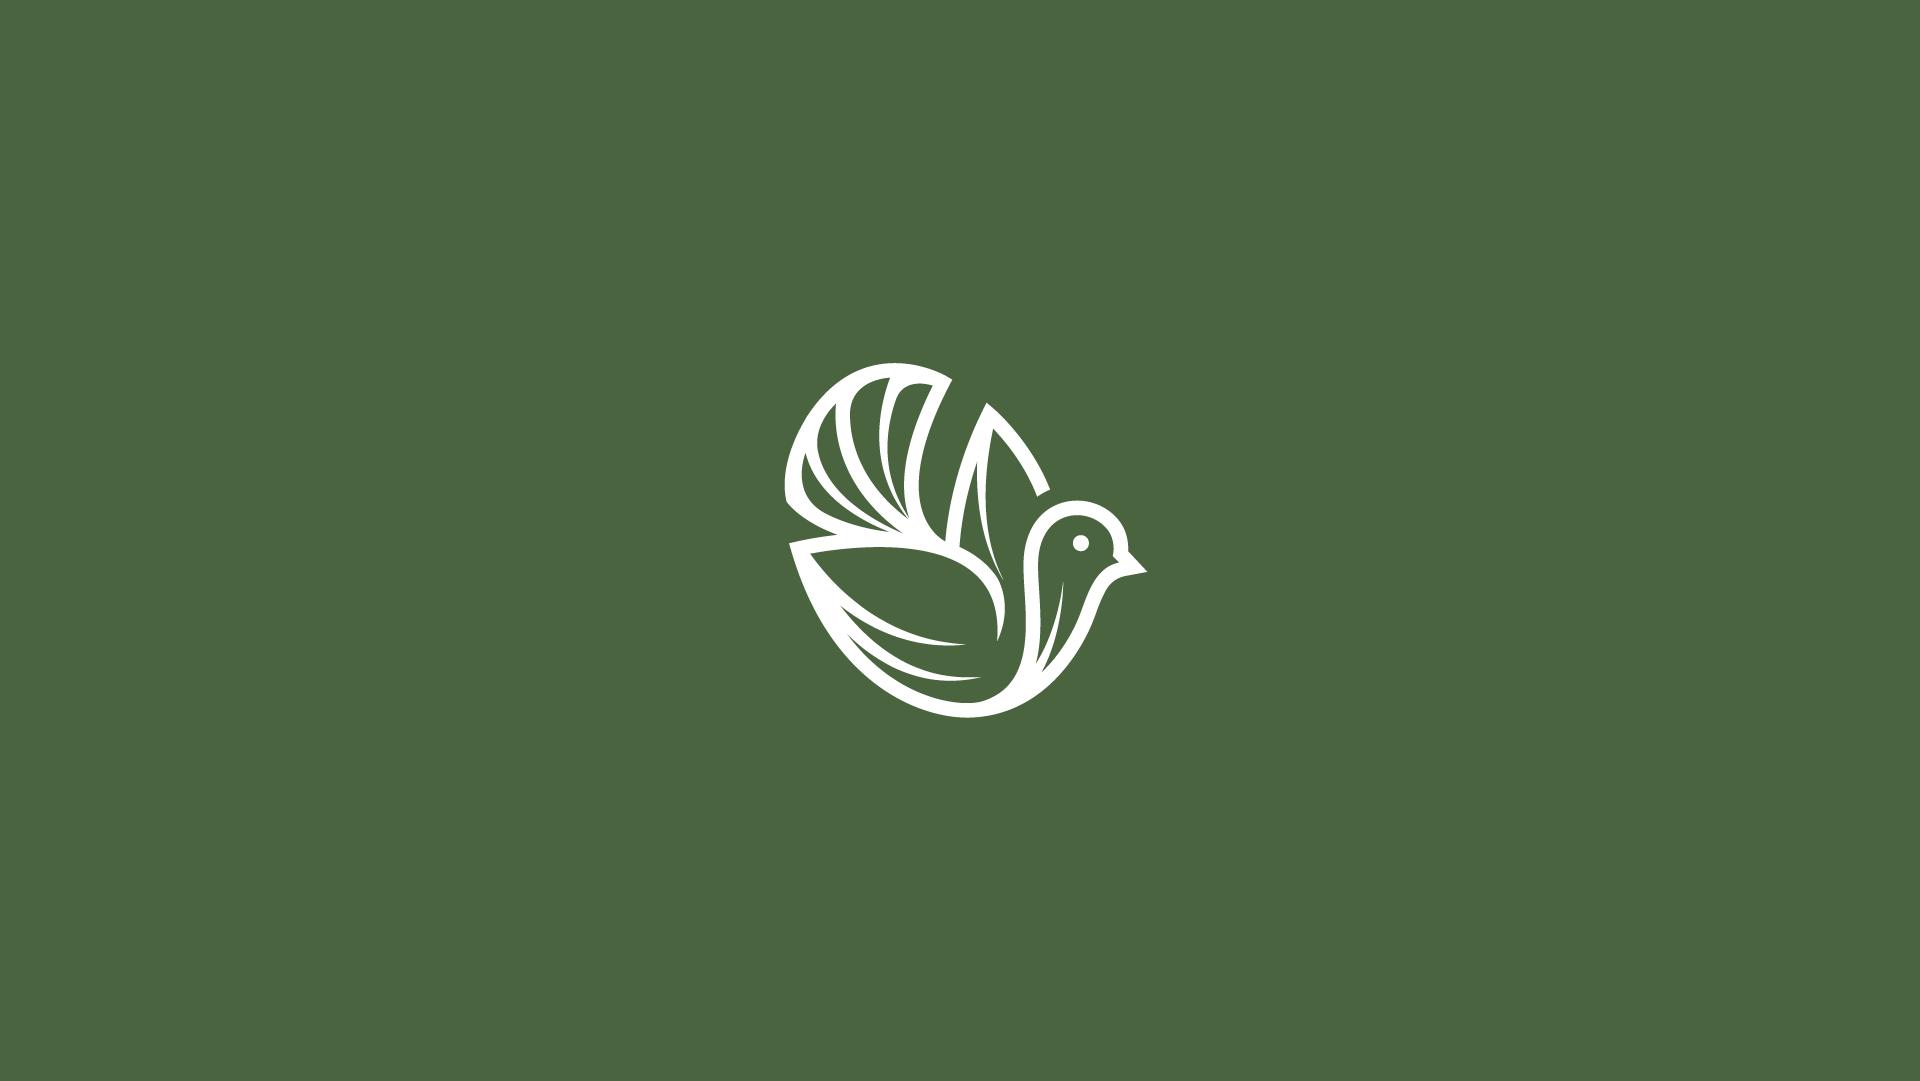 Bird-logo-for-sale